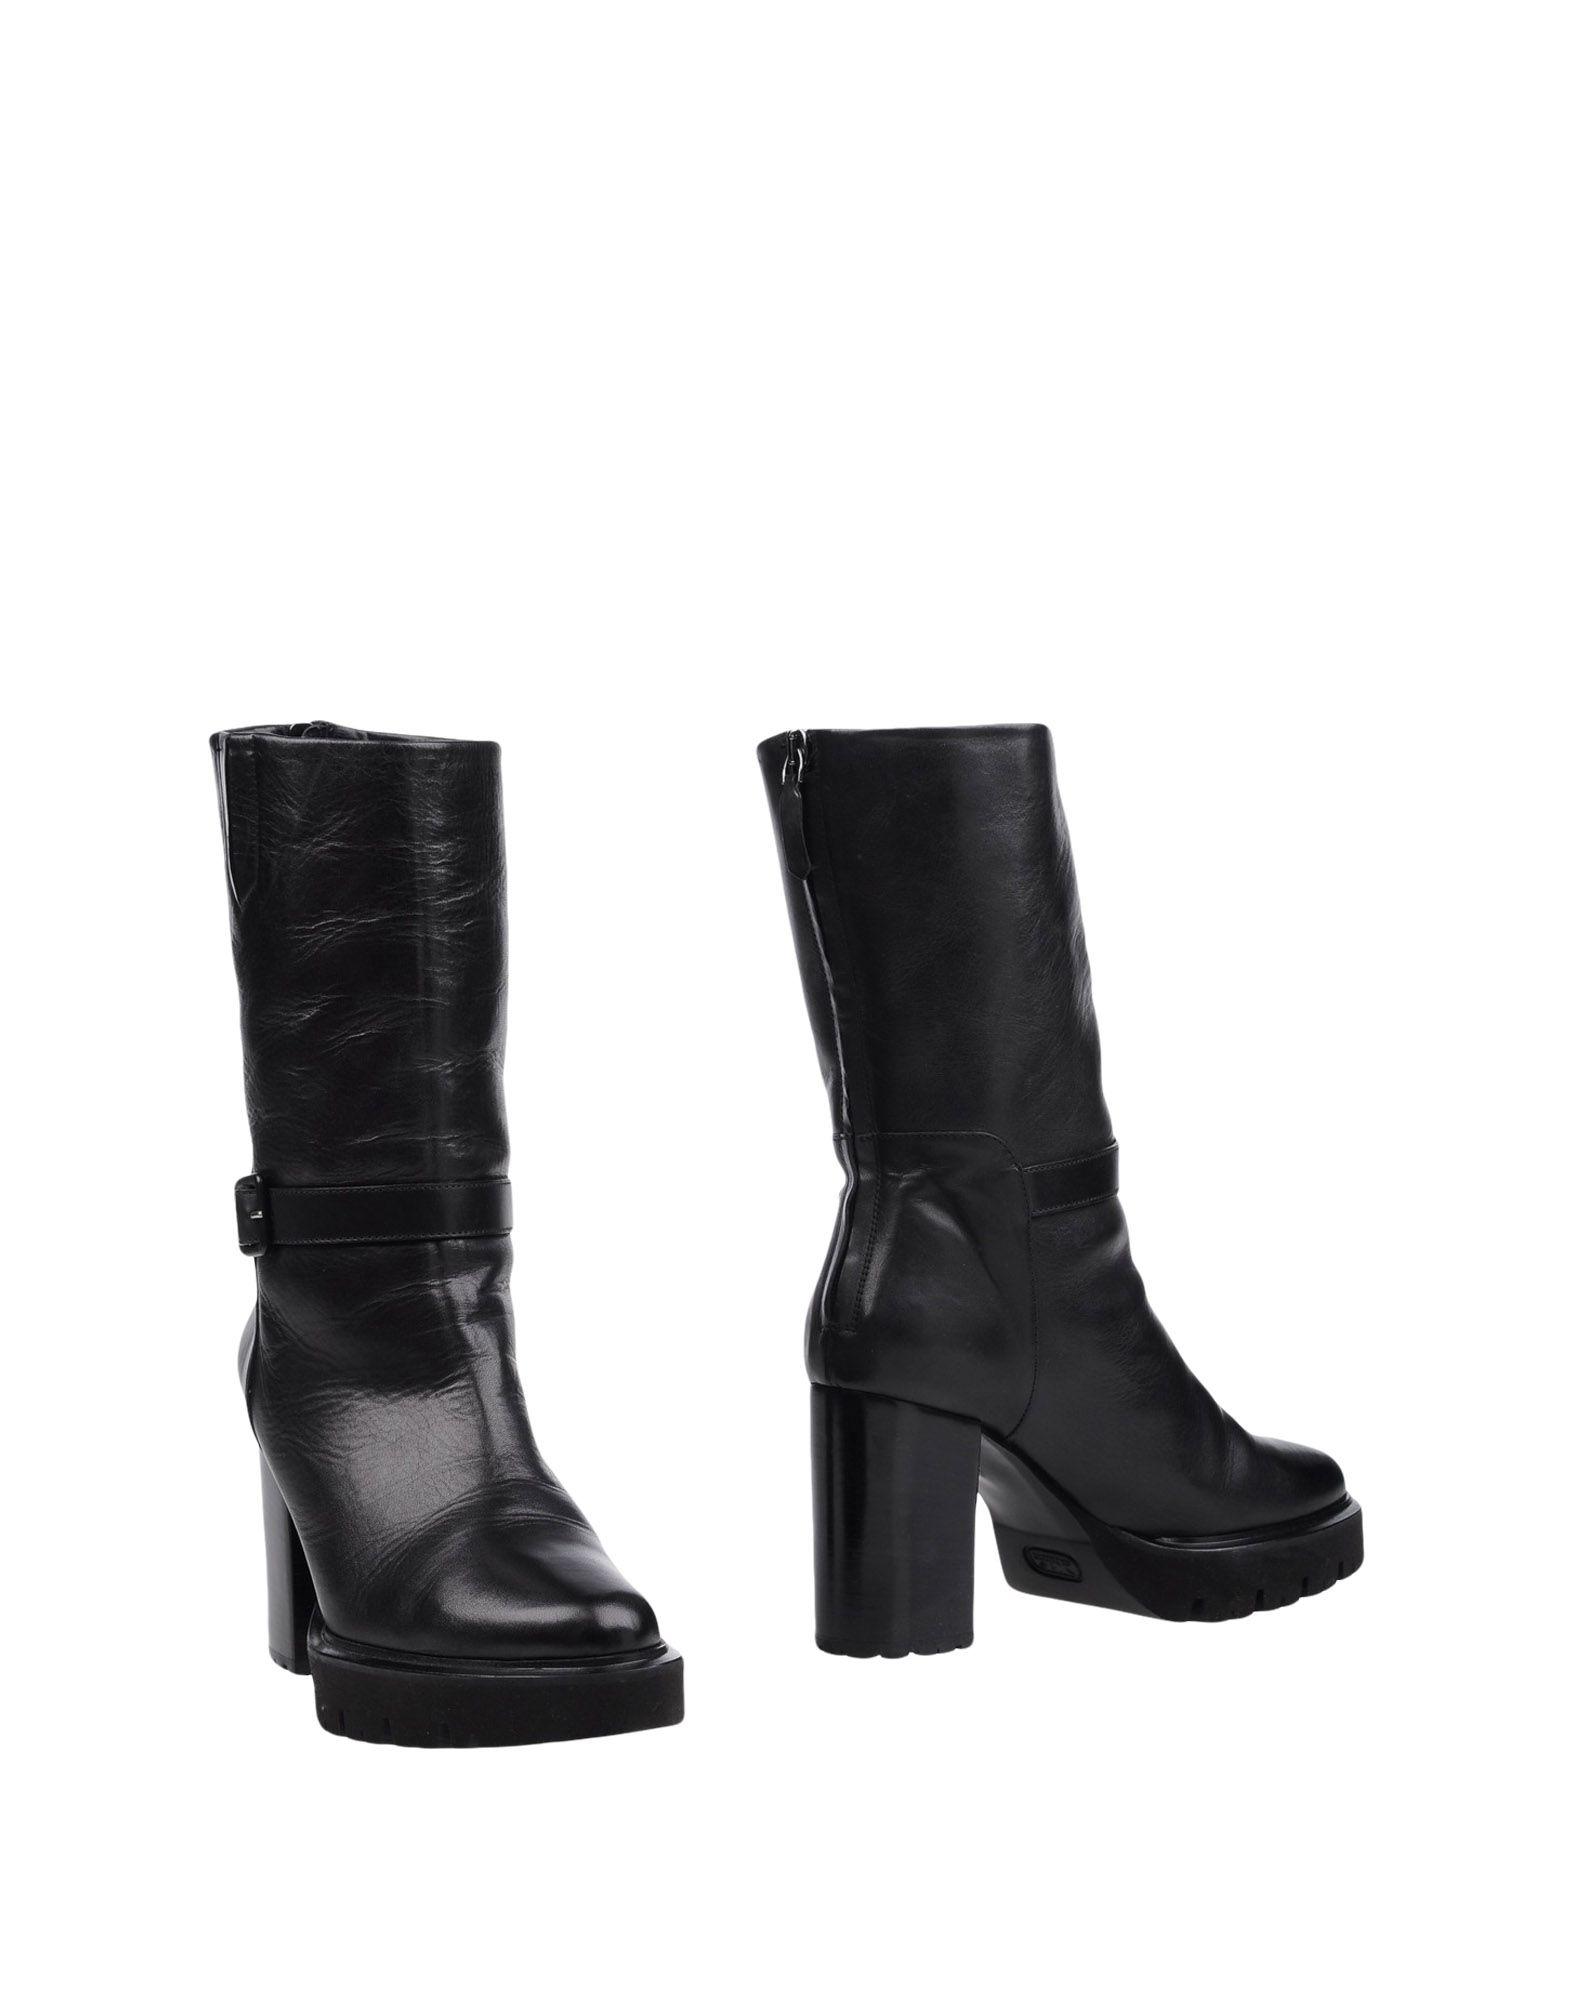 Kallistè Stiefelette Damen  11369310UM Gute Qualität beliebte Schuhe